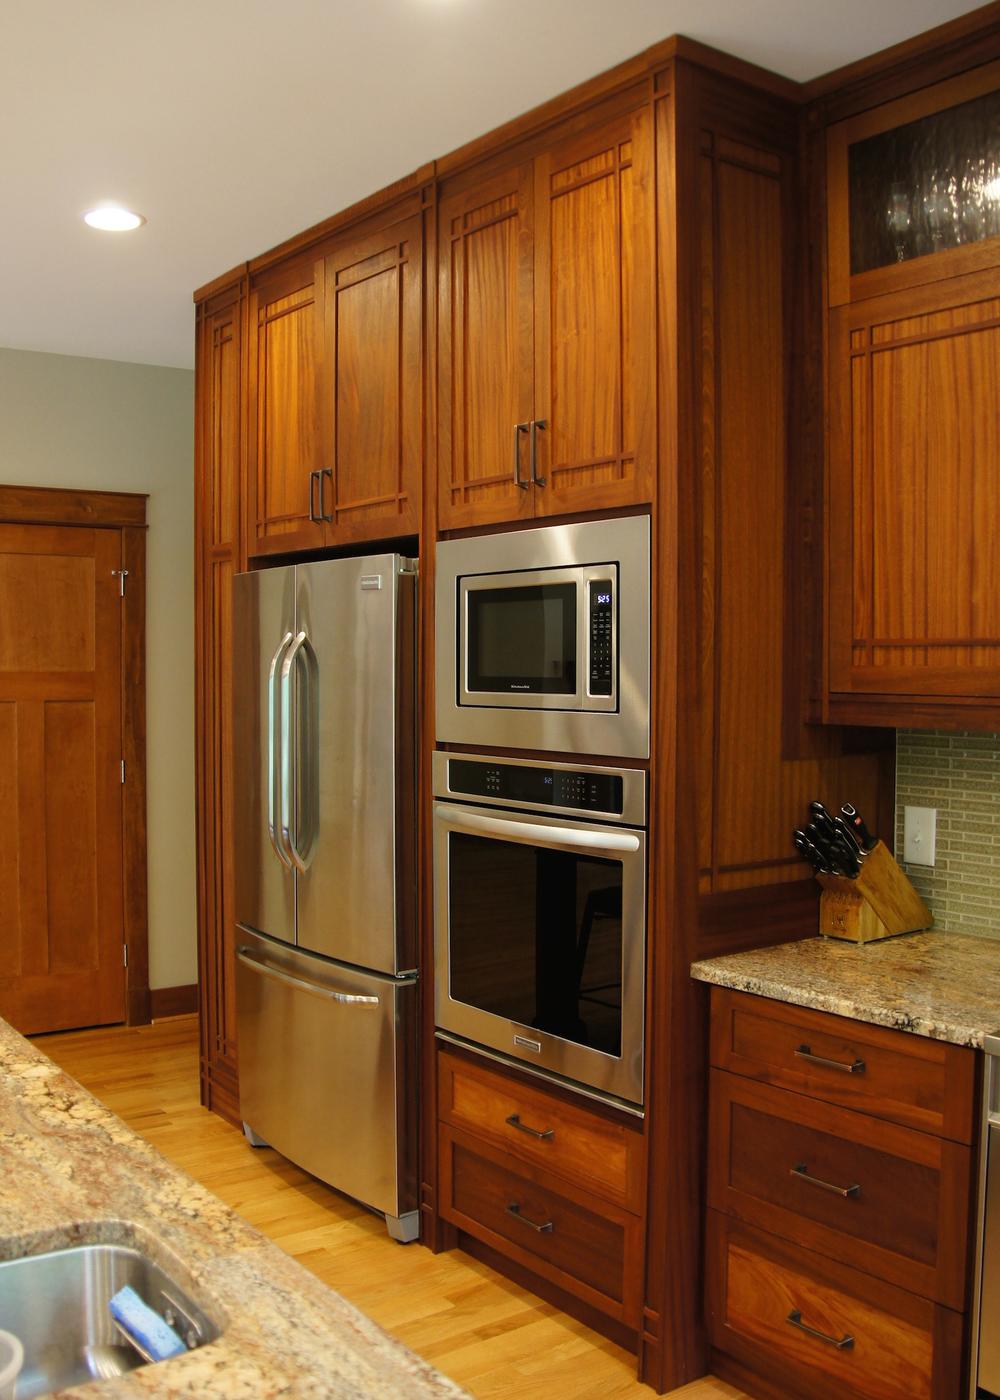 Fridge.Oven cabinet.jpg